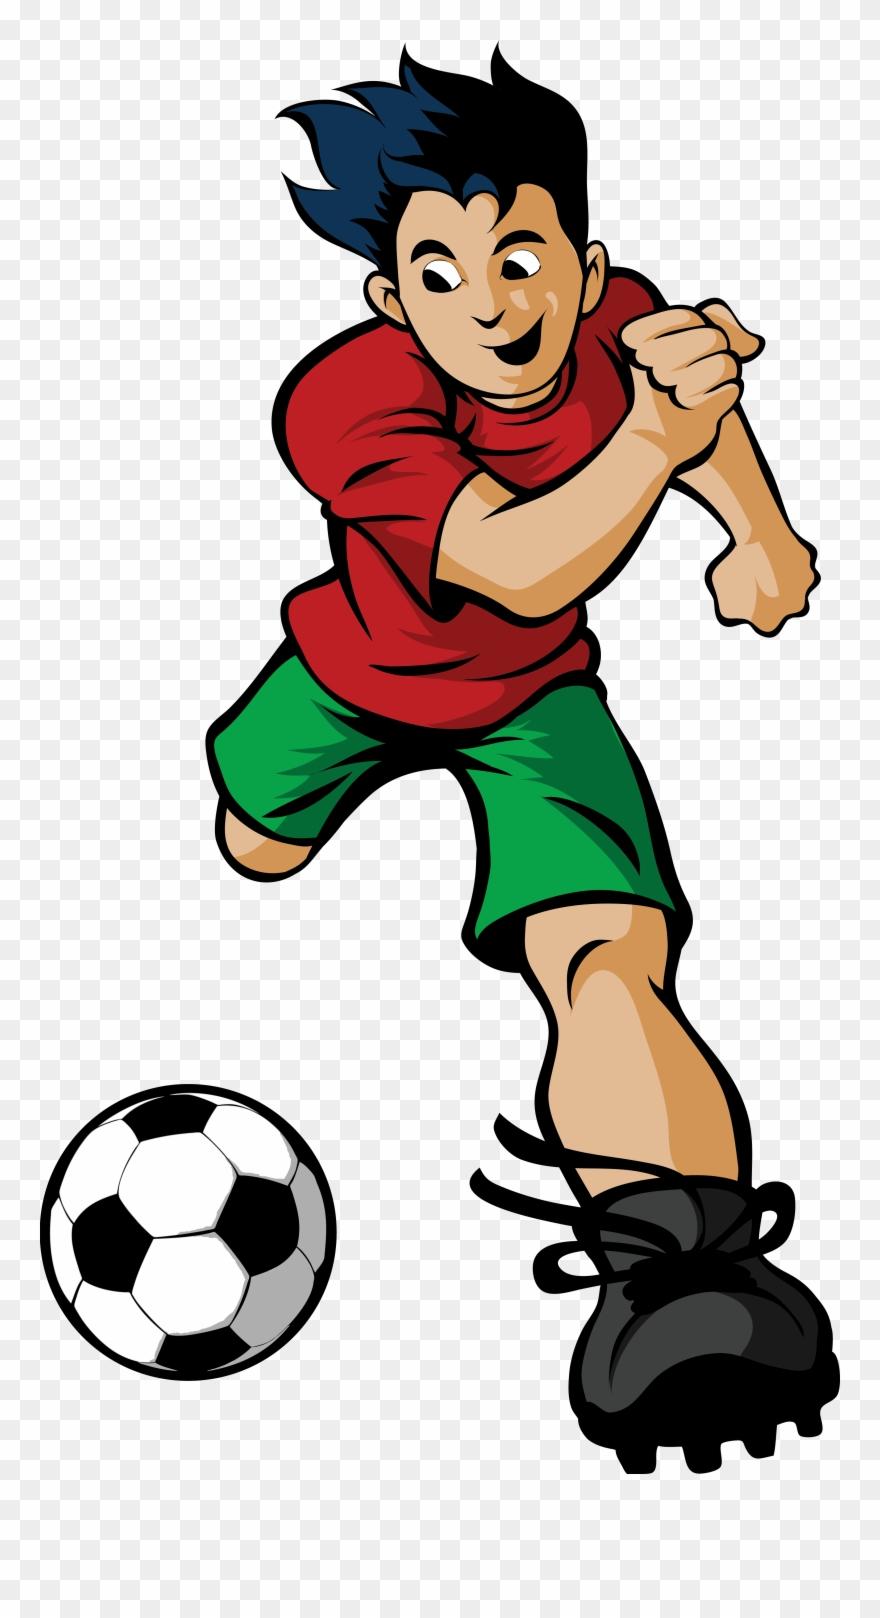 Soccer Cartoon Soccer Player Cartoon Png Clipart 1302407 Pinclipart